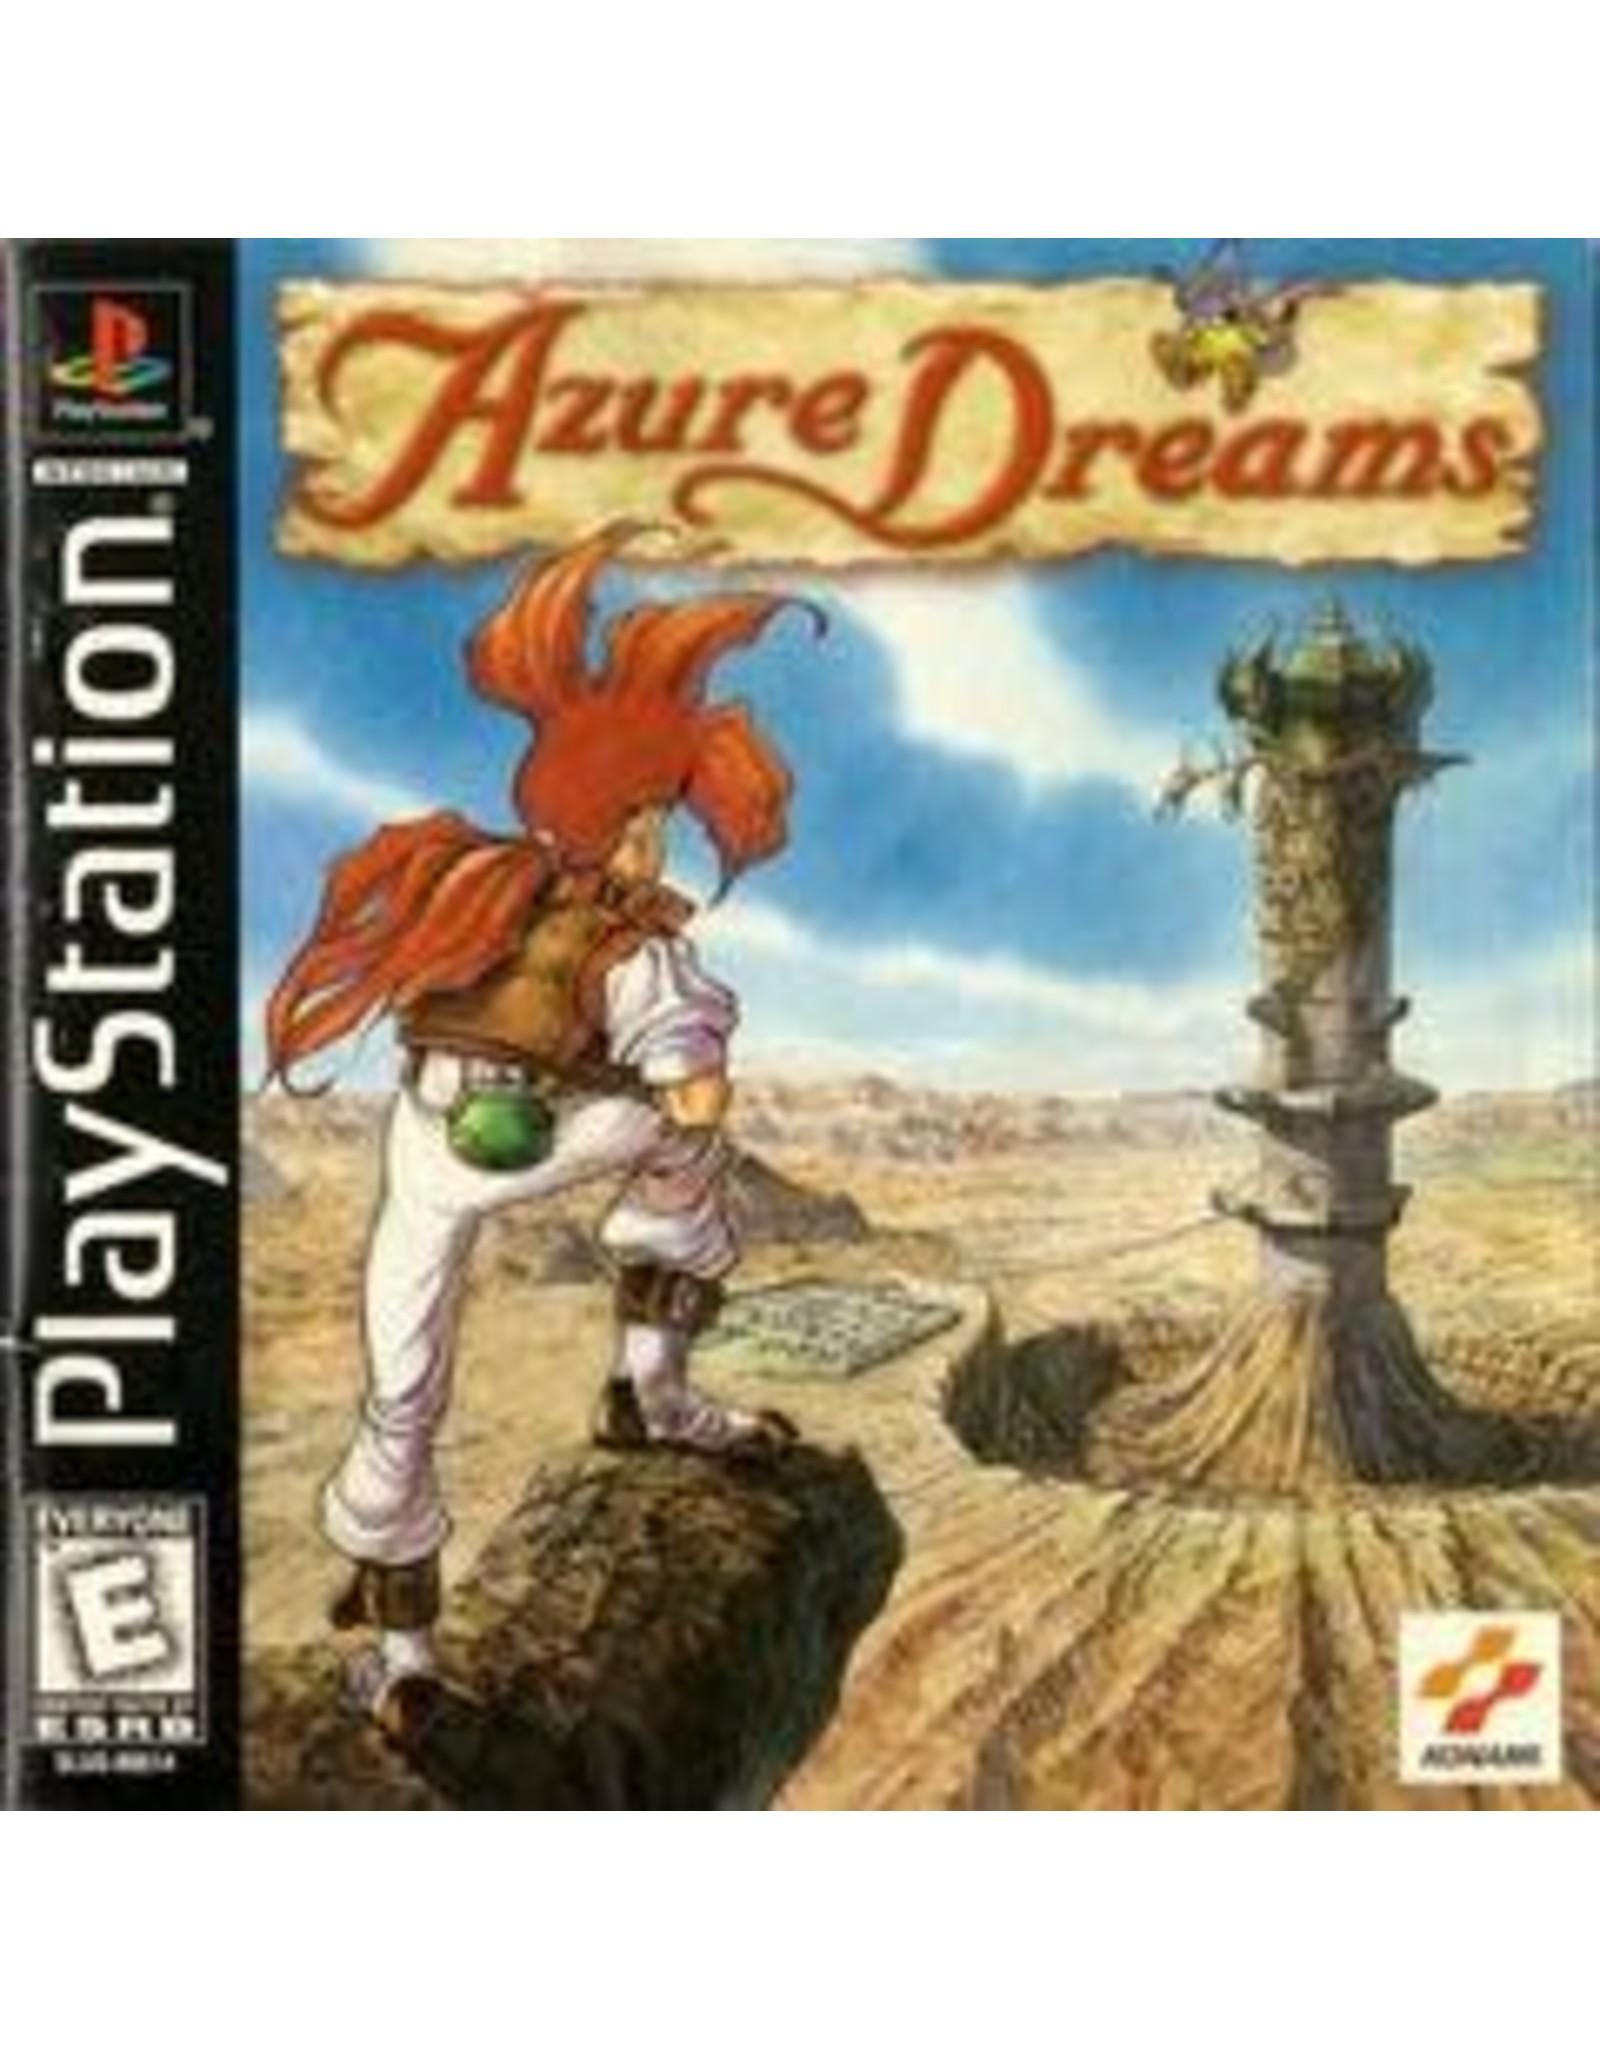 Playstation Azure Dreams (CiB)